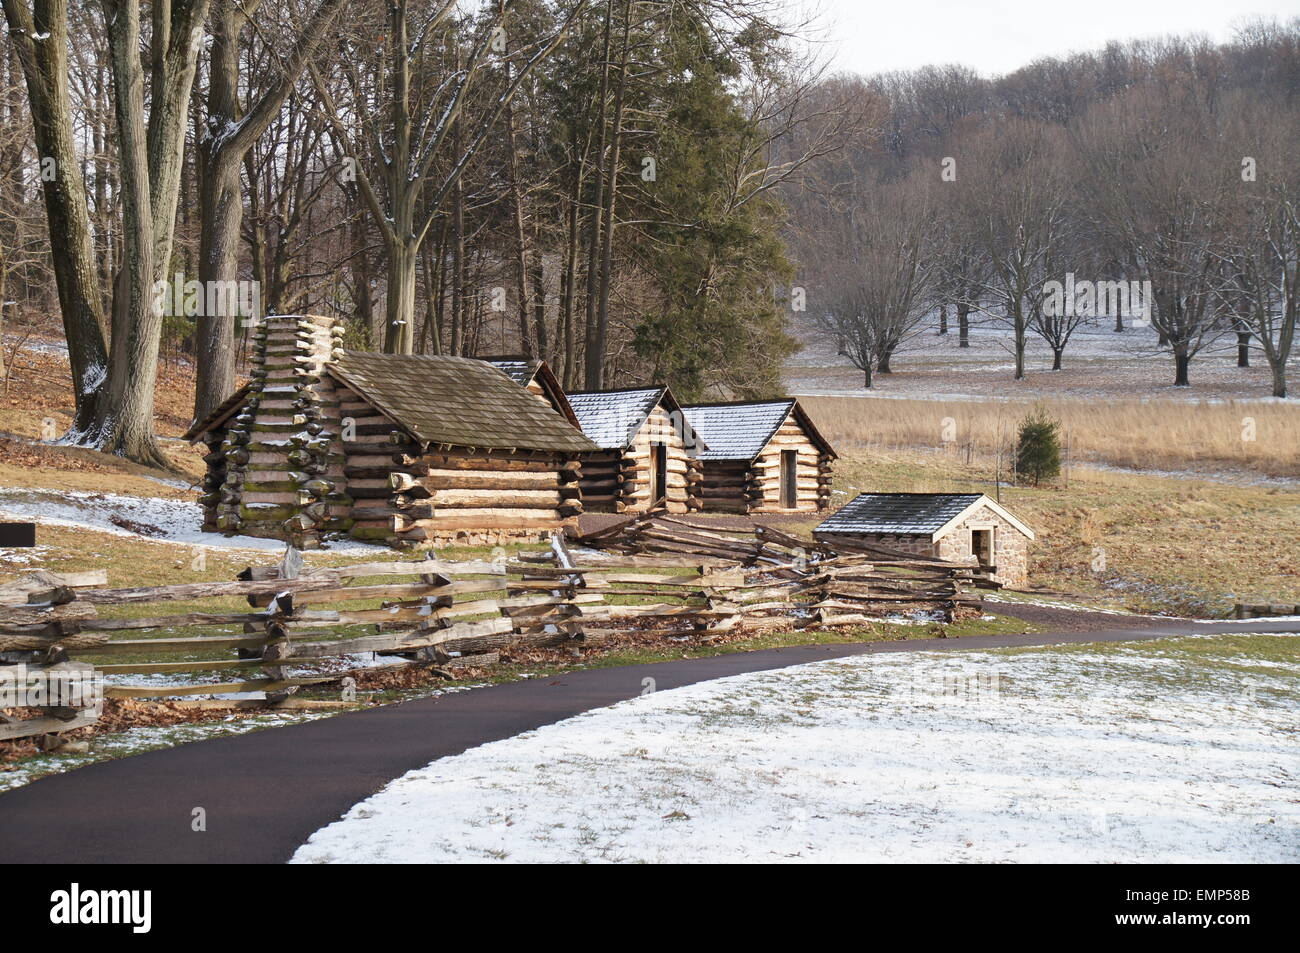 Cabanas De Madera Rodeada De Arboles En El Invierno Foto Imagen - Cabaas-de-madera-en-arboles